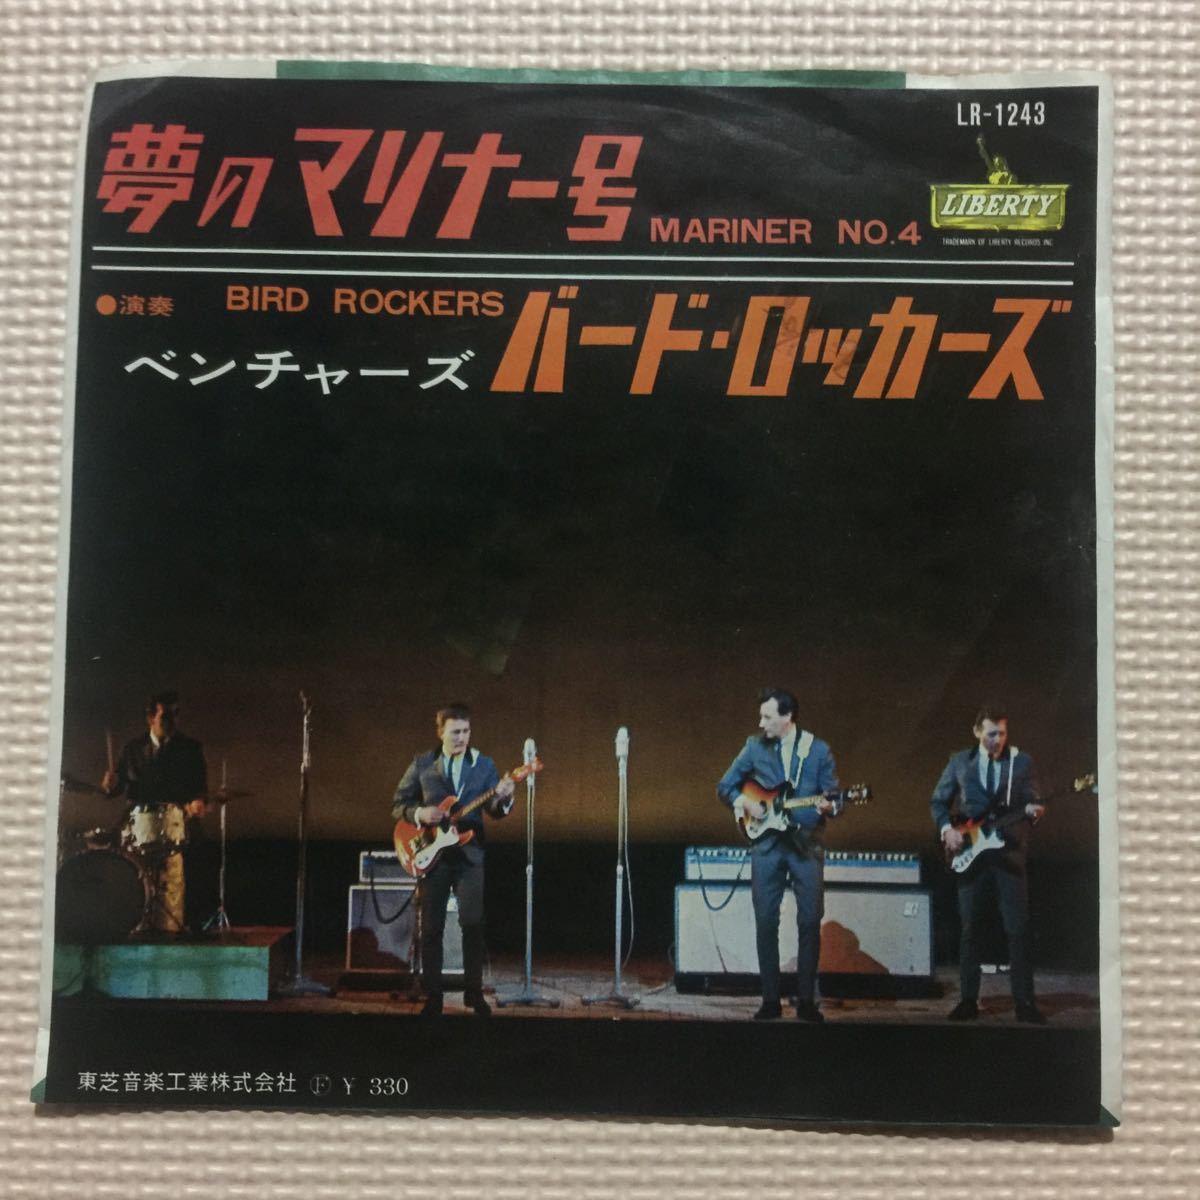 ザ ・ベンチャーズ 夢のマリナー号 国内盤7インチシングルレコード